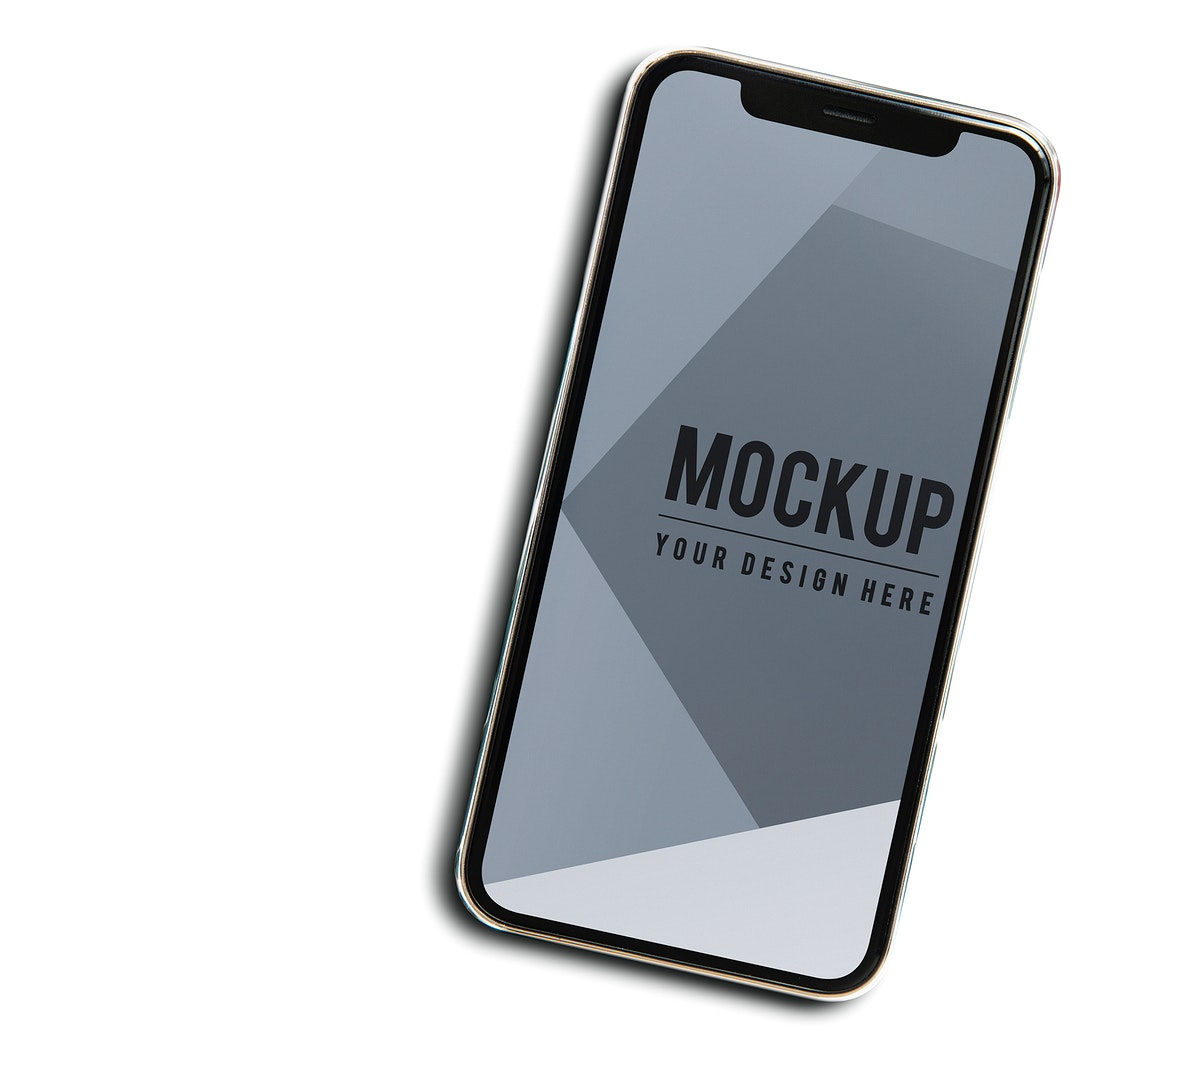 Premium mobile phone screen mockup template